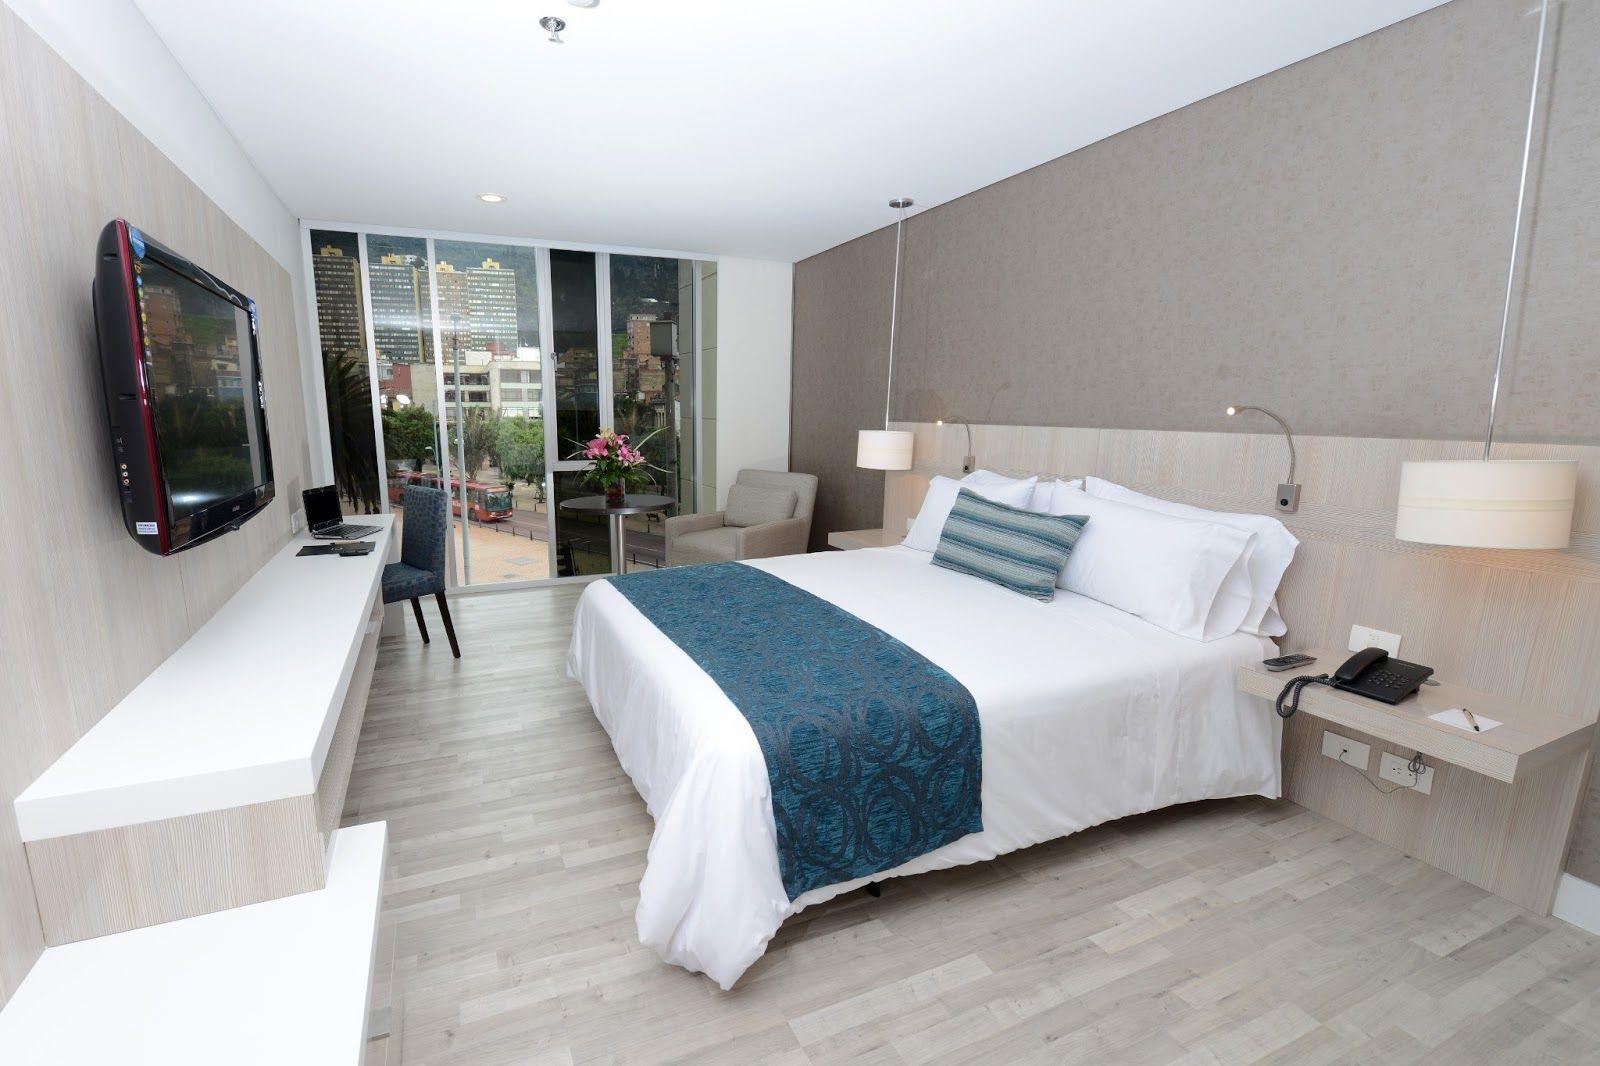 Habitaciones modernas dise os de habitaci n pinterest for Hoteles con habitaciones comunicadas